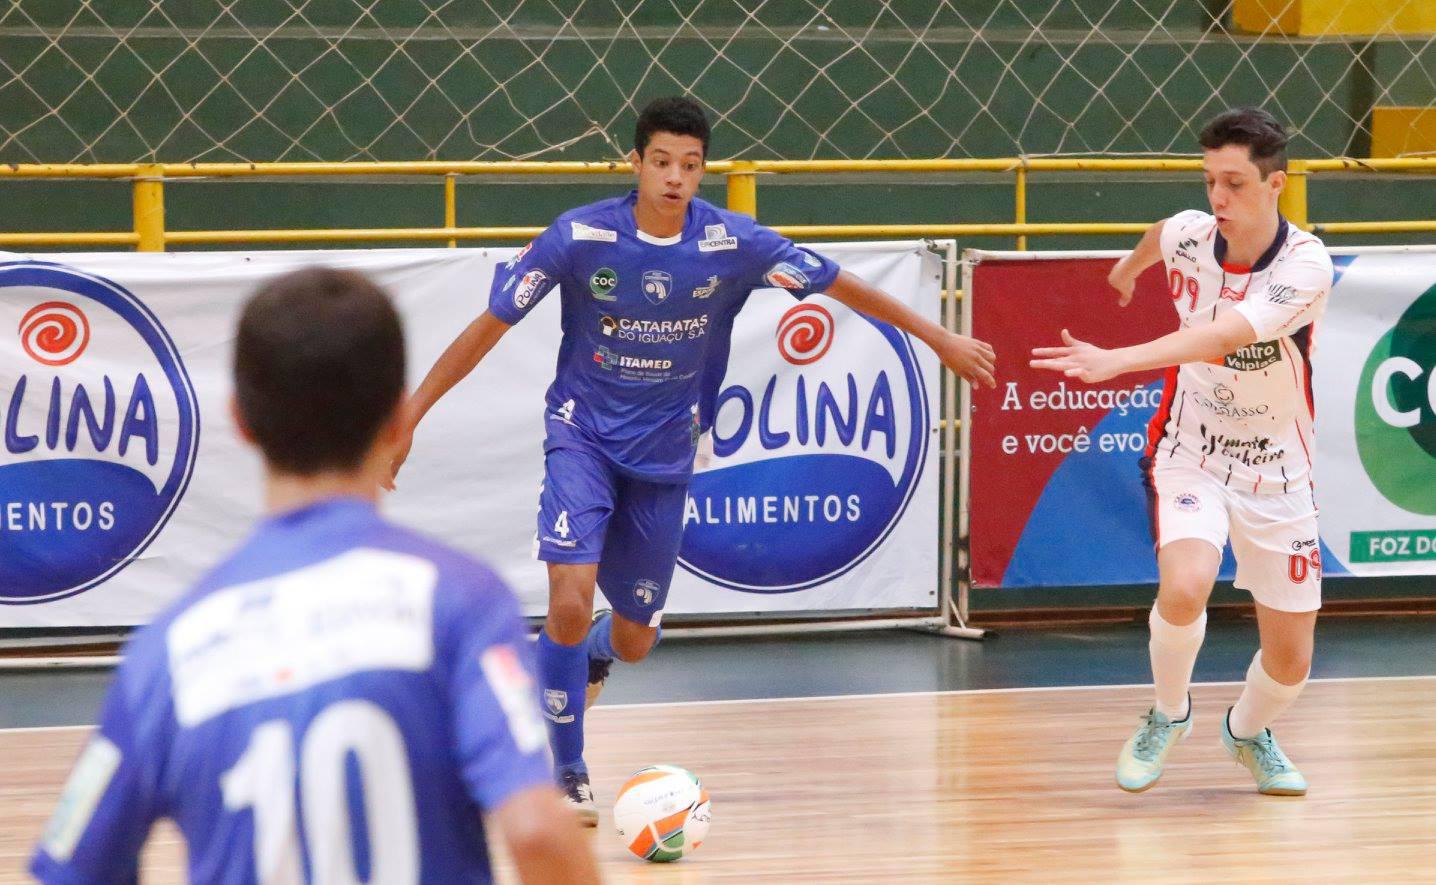 b4c6779b61e15 Atleta do Foz Cataratas Futsal é convocado para a seleção brasileira ...